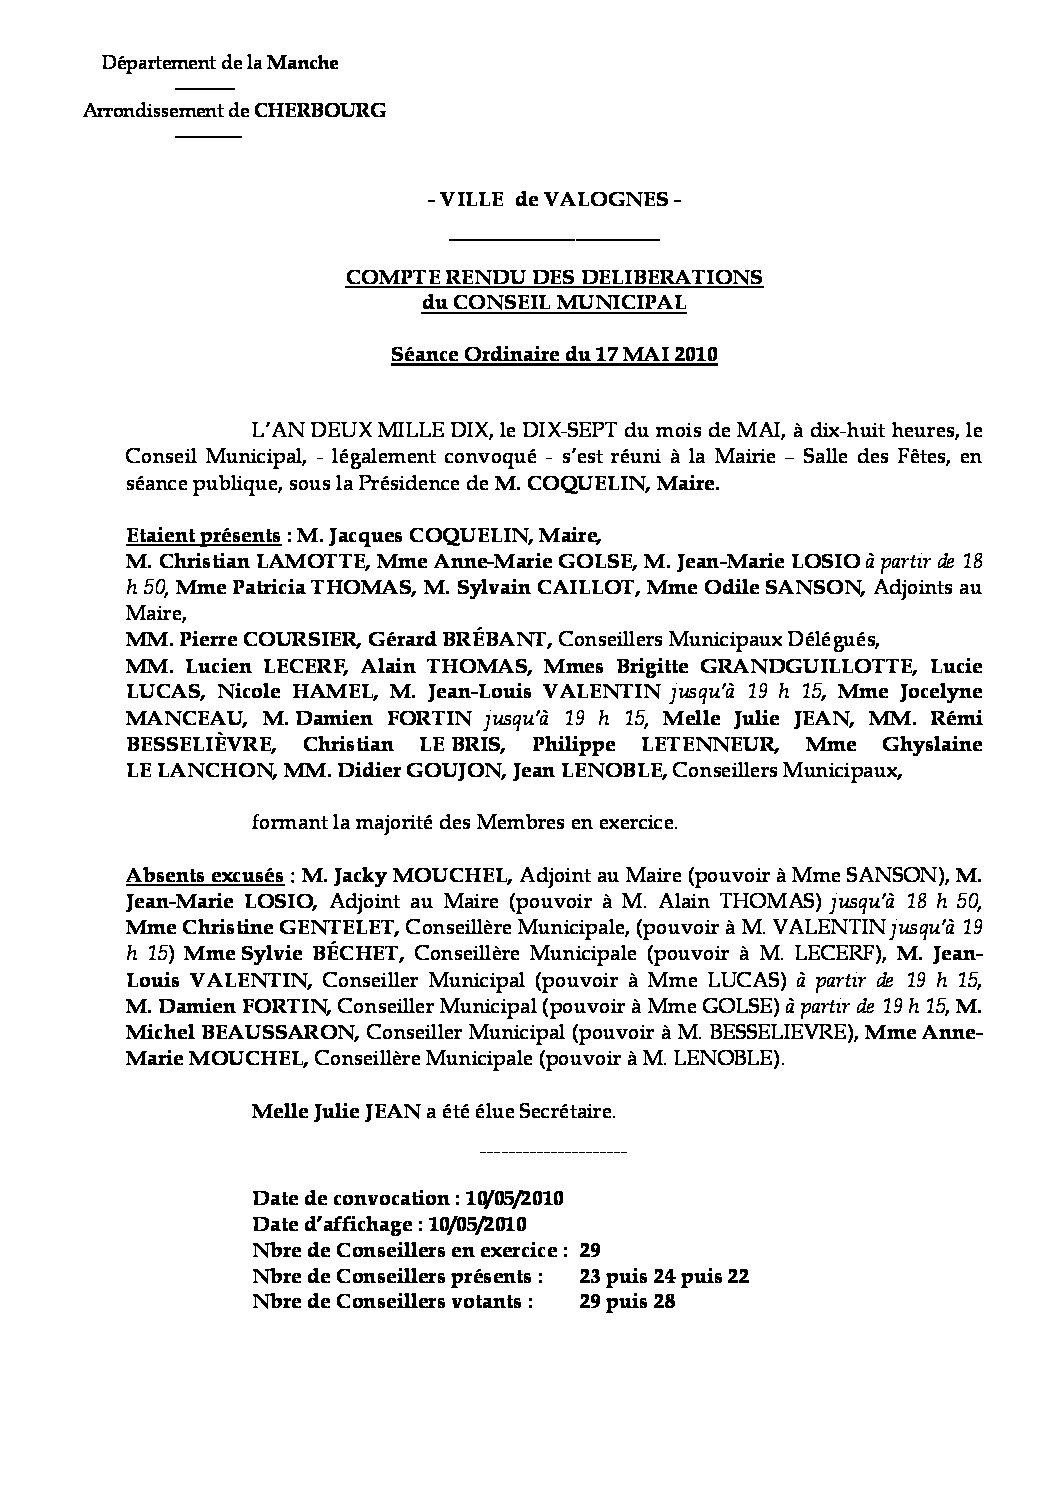 Extrait du registre des délibérations du 17-05-2010 - Compte-rendu des questions soumises à délibération lors de la séance du Conseil Municipal du 17 mai 2010